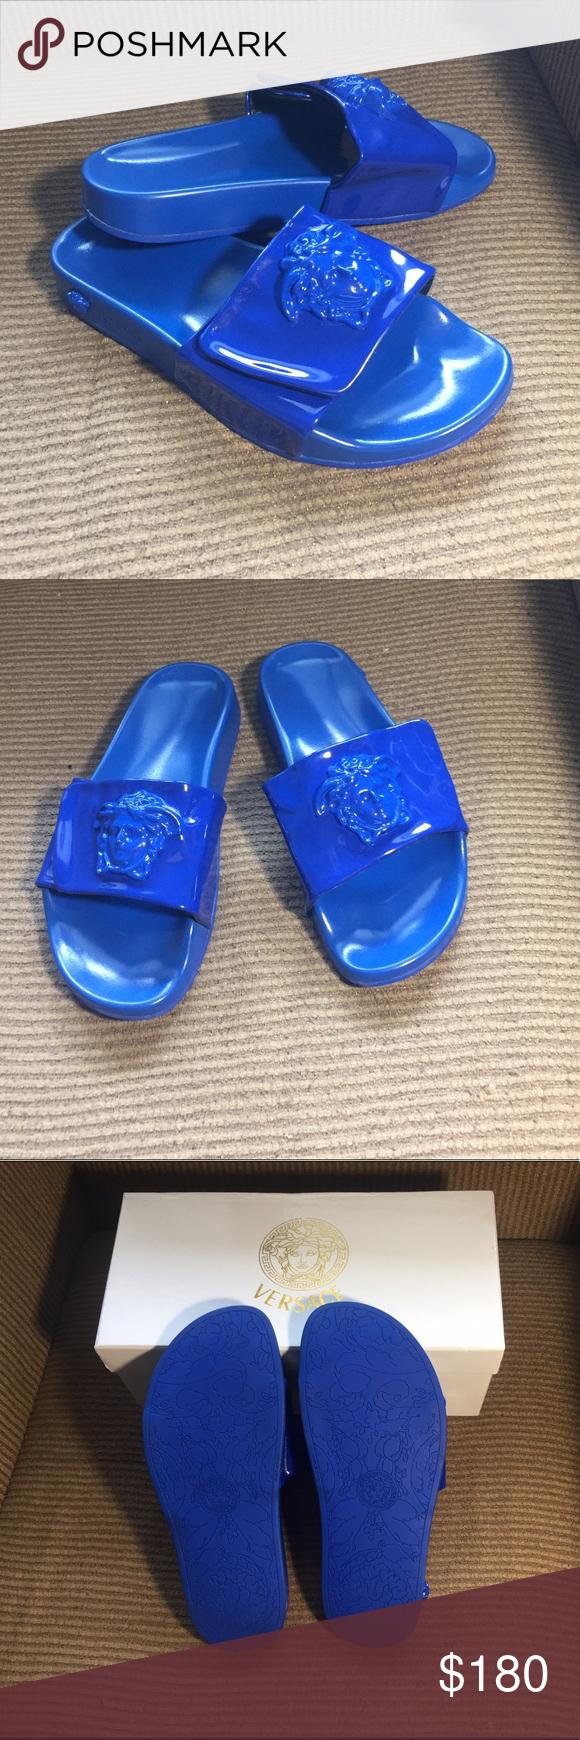 Versace Medusa Slides Sandals Versace Medusa Slides Sandals